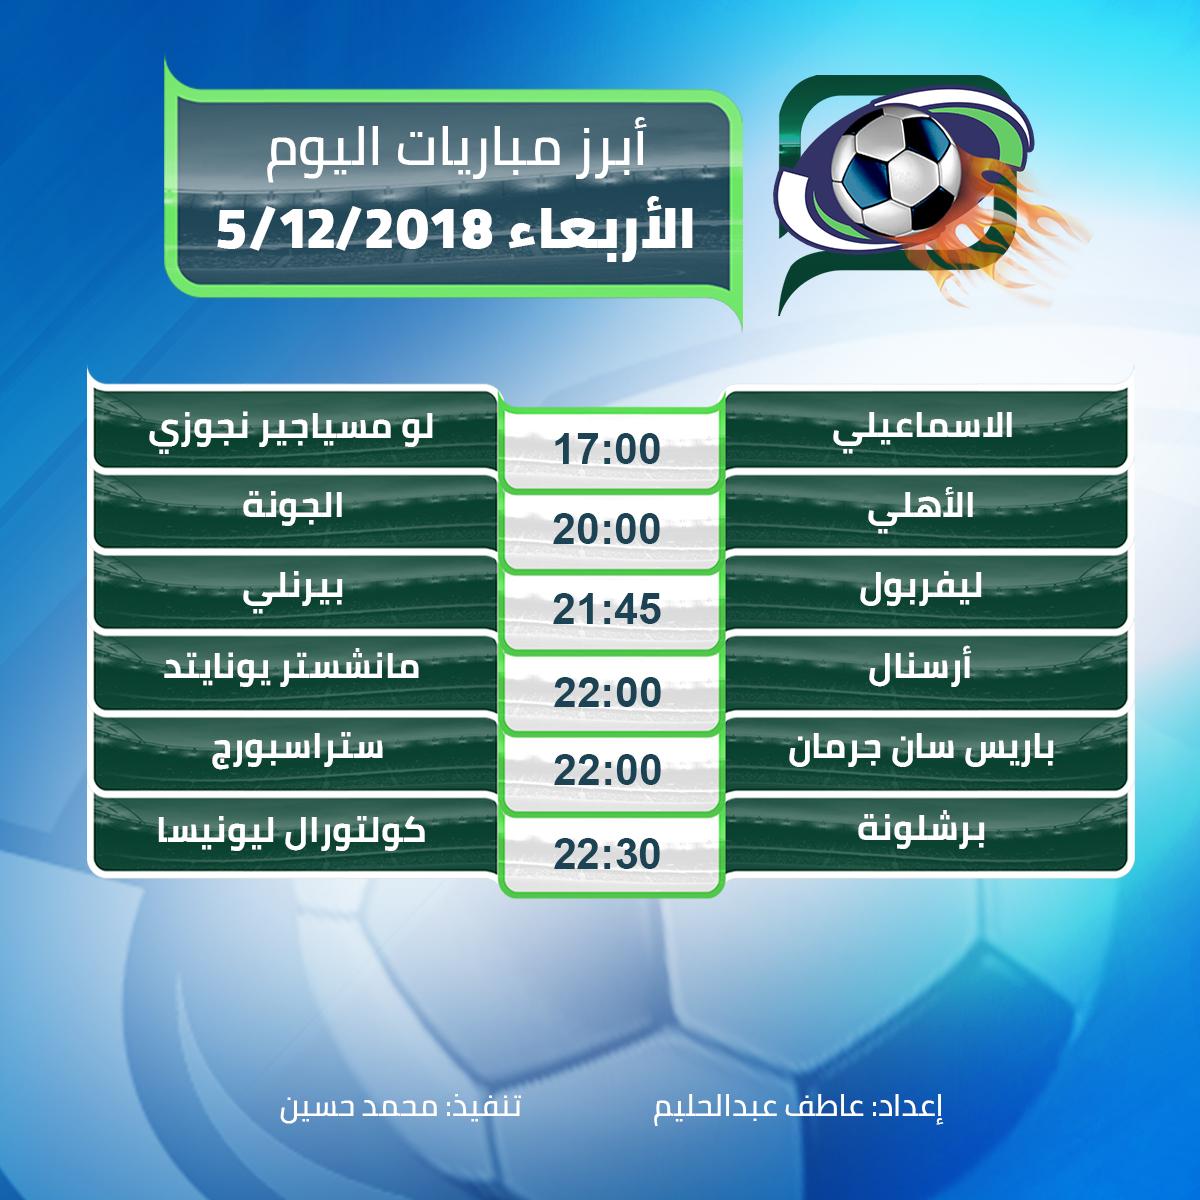 أبرز مباريات اليوم الأربعاء 05/12/2018